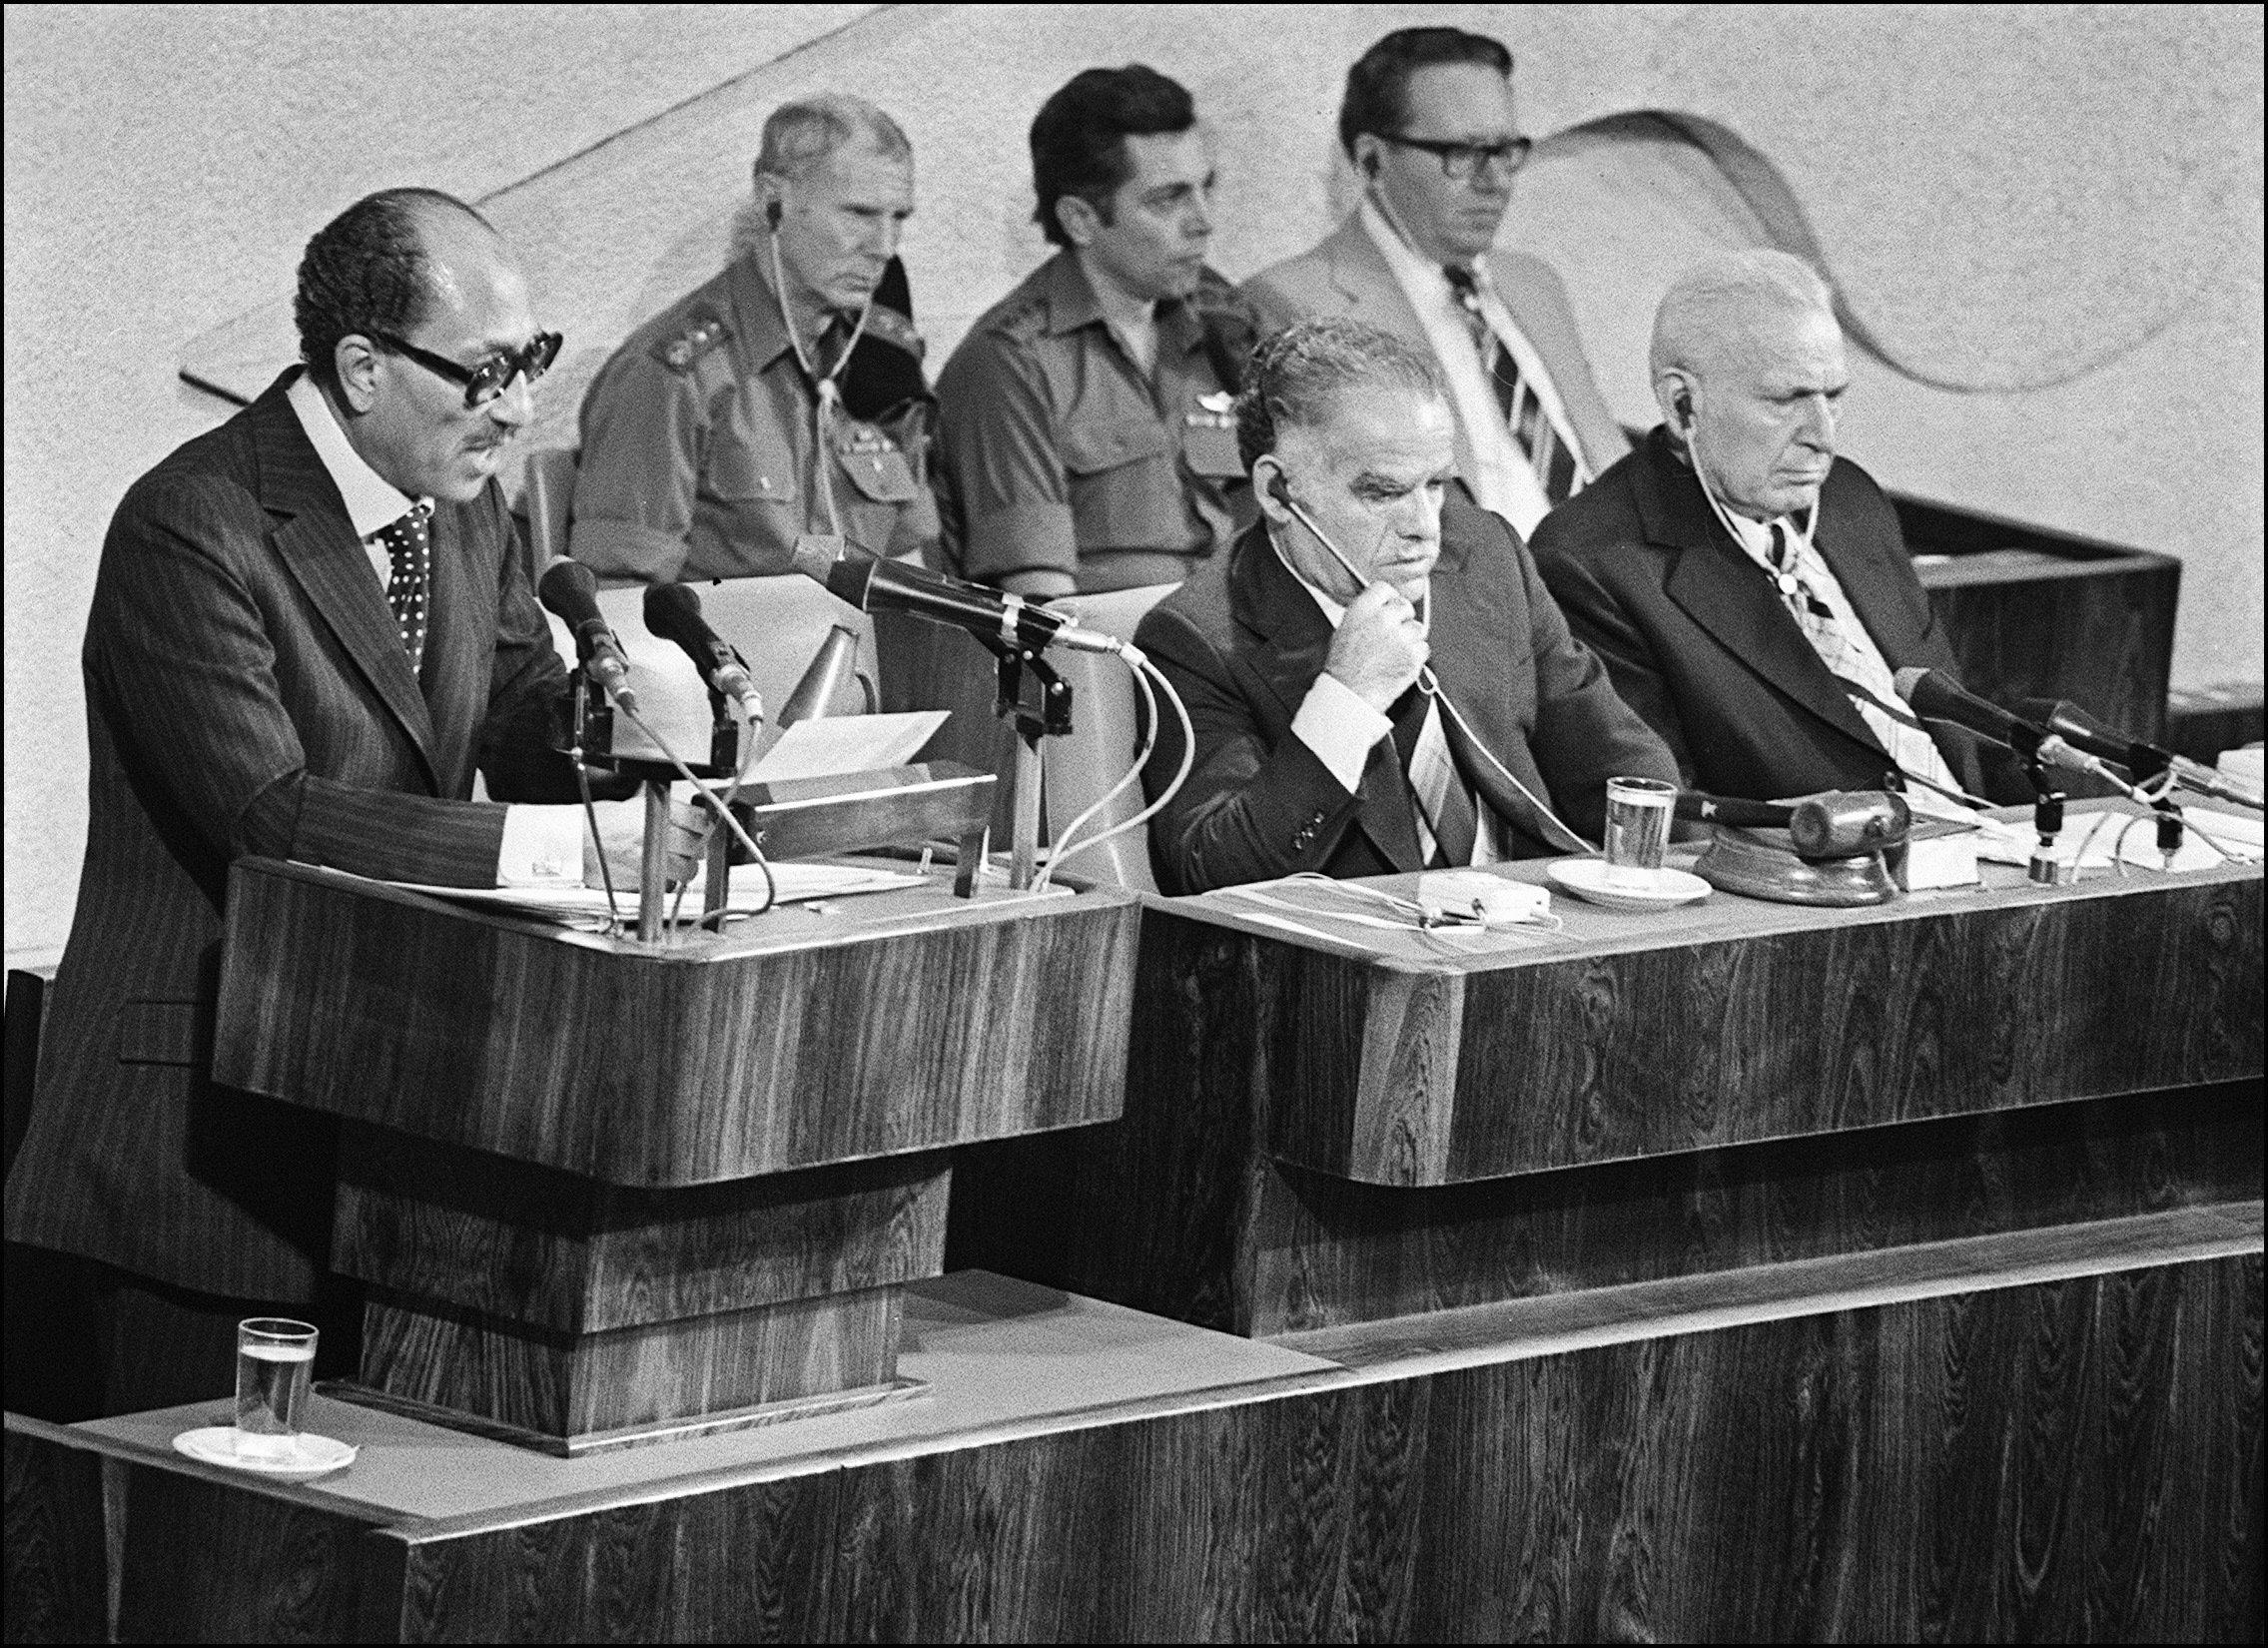 السادات يخطب في الكنيسيت (البرلمان) الإسرائيلي يوم 20 نوفمبر/تشرين الثاني عام 1977 خلال زيارة مفاجئة لإسرائيل، فتحت الأبواب لمشوار التسوية بين العرب وإسرائيل.